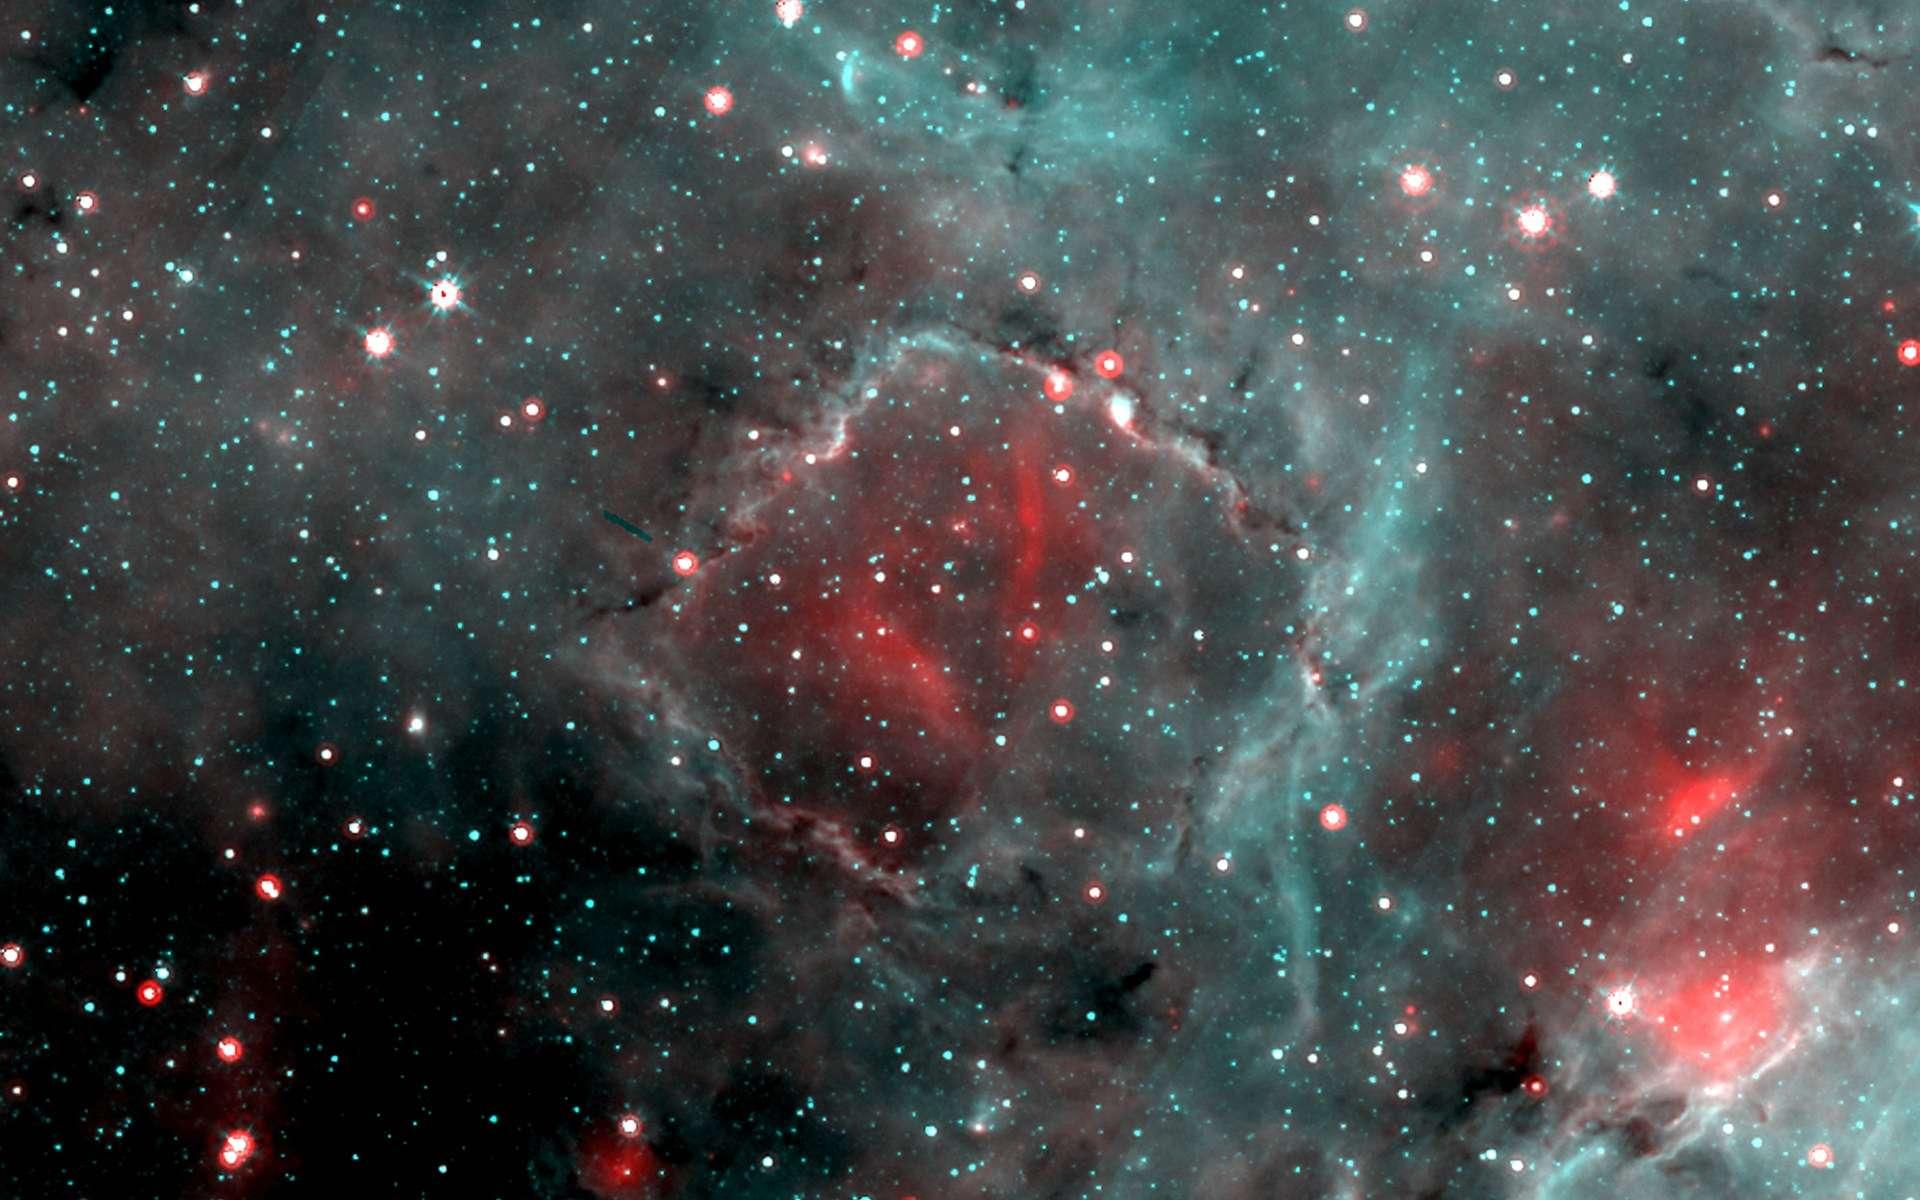 On voit ici une image de la « bulle carrée », G15.68-0.28. Elle résulte de la composition de deux images obtenues par le satellite Spitzer à 24 microns (rouge) et 8 microns (turquoise). L'émission étendue à 8 microns provient essentiellement de petits grains ou de grosses molécules, des hydrocarbures polycycliques aromatiques, excitées par le rayonnement. L'émission étendue à 24 microns provient de poussières chaudes mélangées au gaz ionisé. Ces poussières chaudes se trouvent aussi dans les disques et les enveloppes entourant de jeunes objets stellaires ou dans les enveloppes d'étoiles évoluées. © Laboratoire d'Astrophysique de Marseille